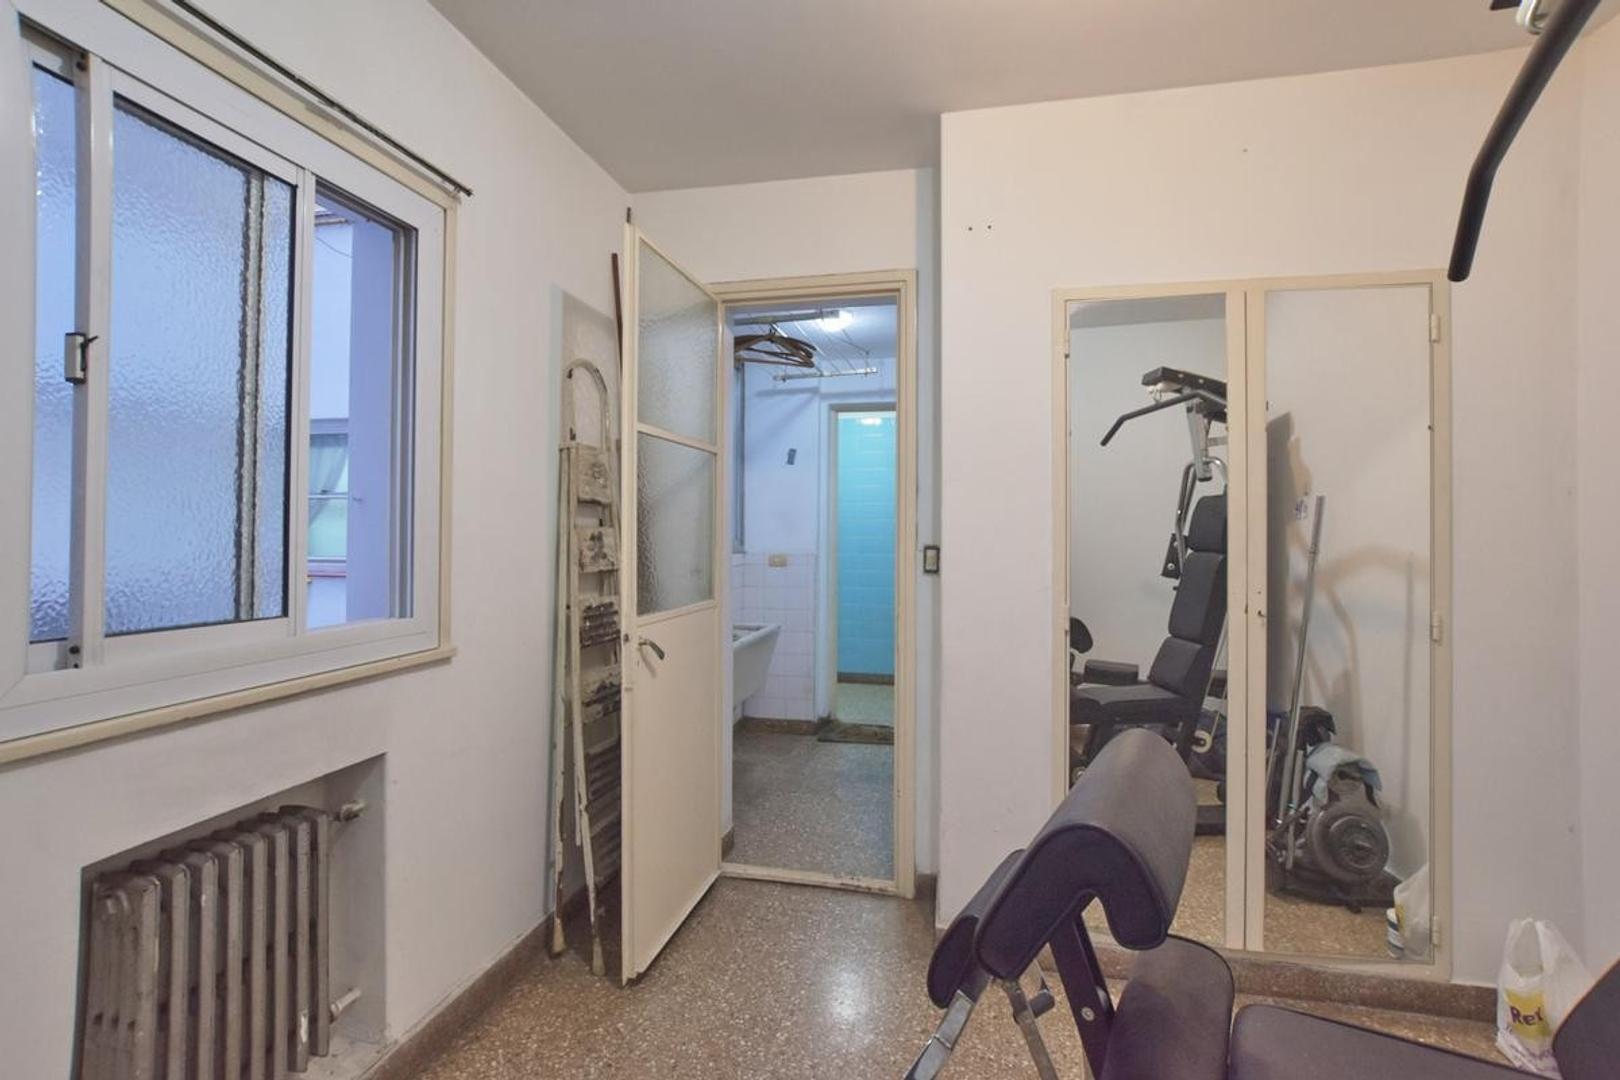 Departamento - Palermo - 4 Ambientes. c/dependencia y cochera - Foto 34